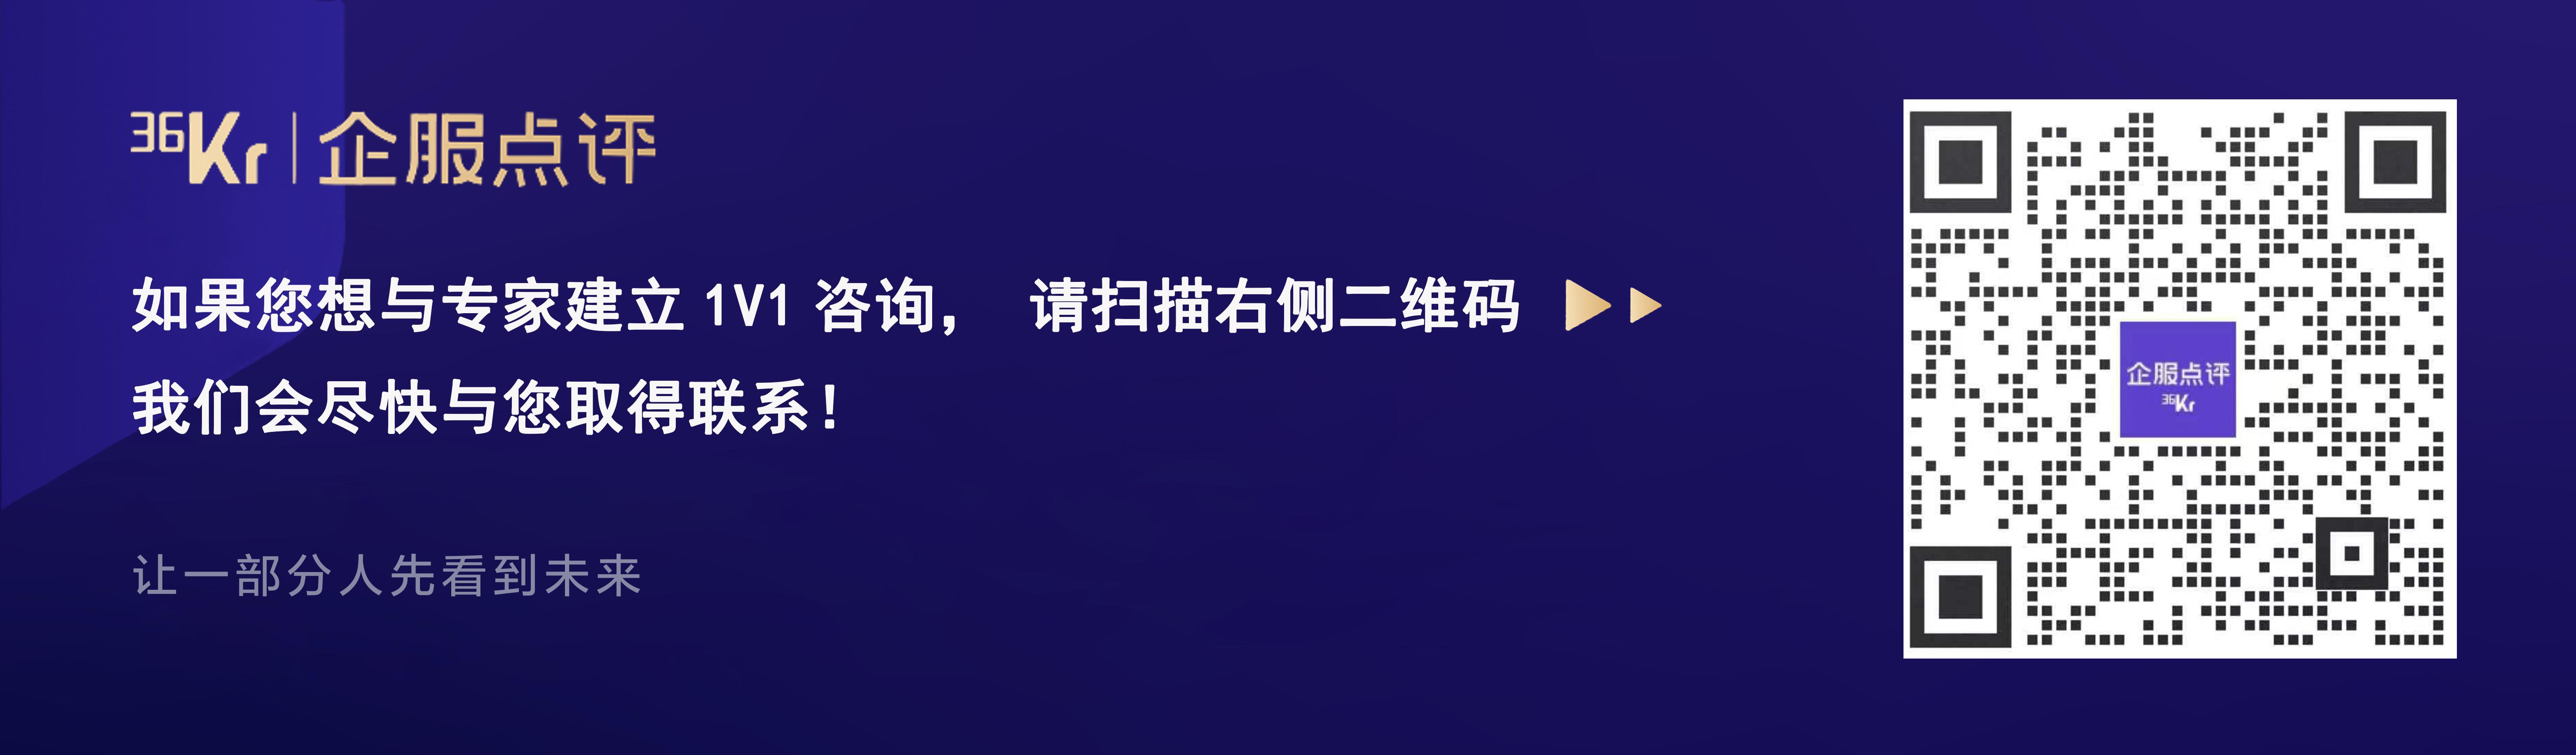 王宇:数据驱动决策的难题与突围